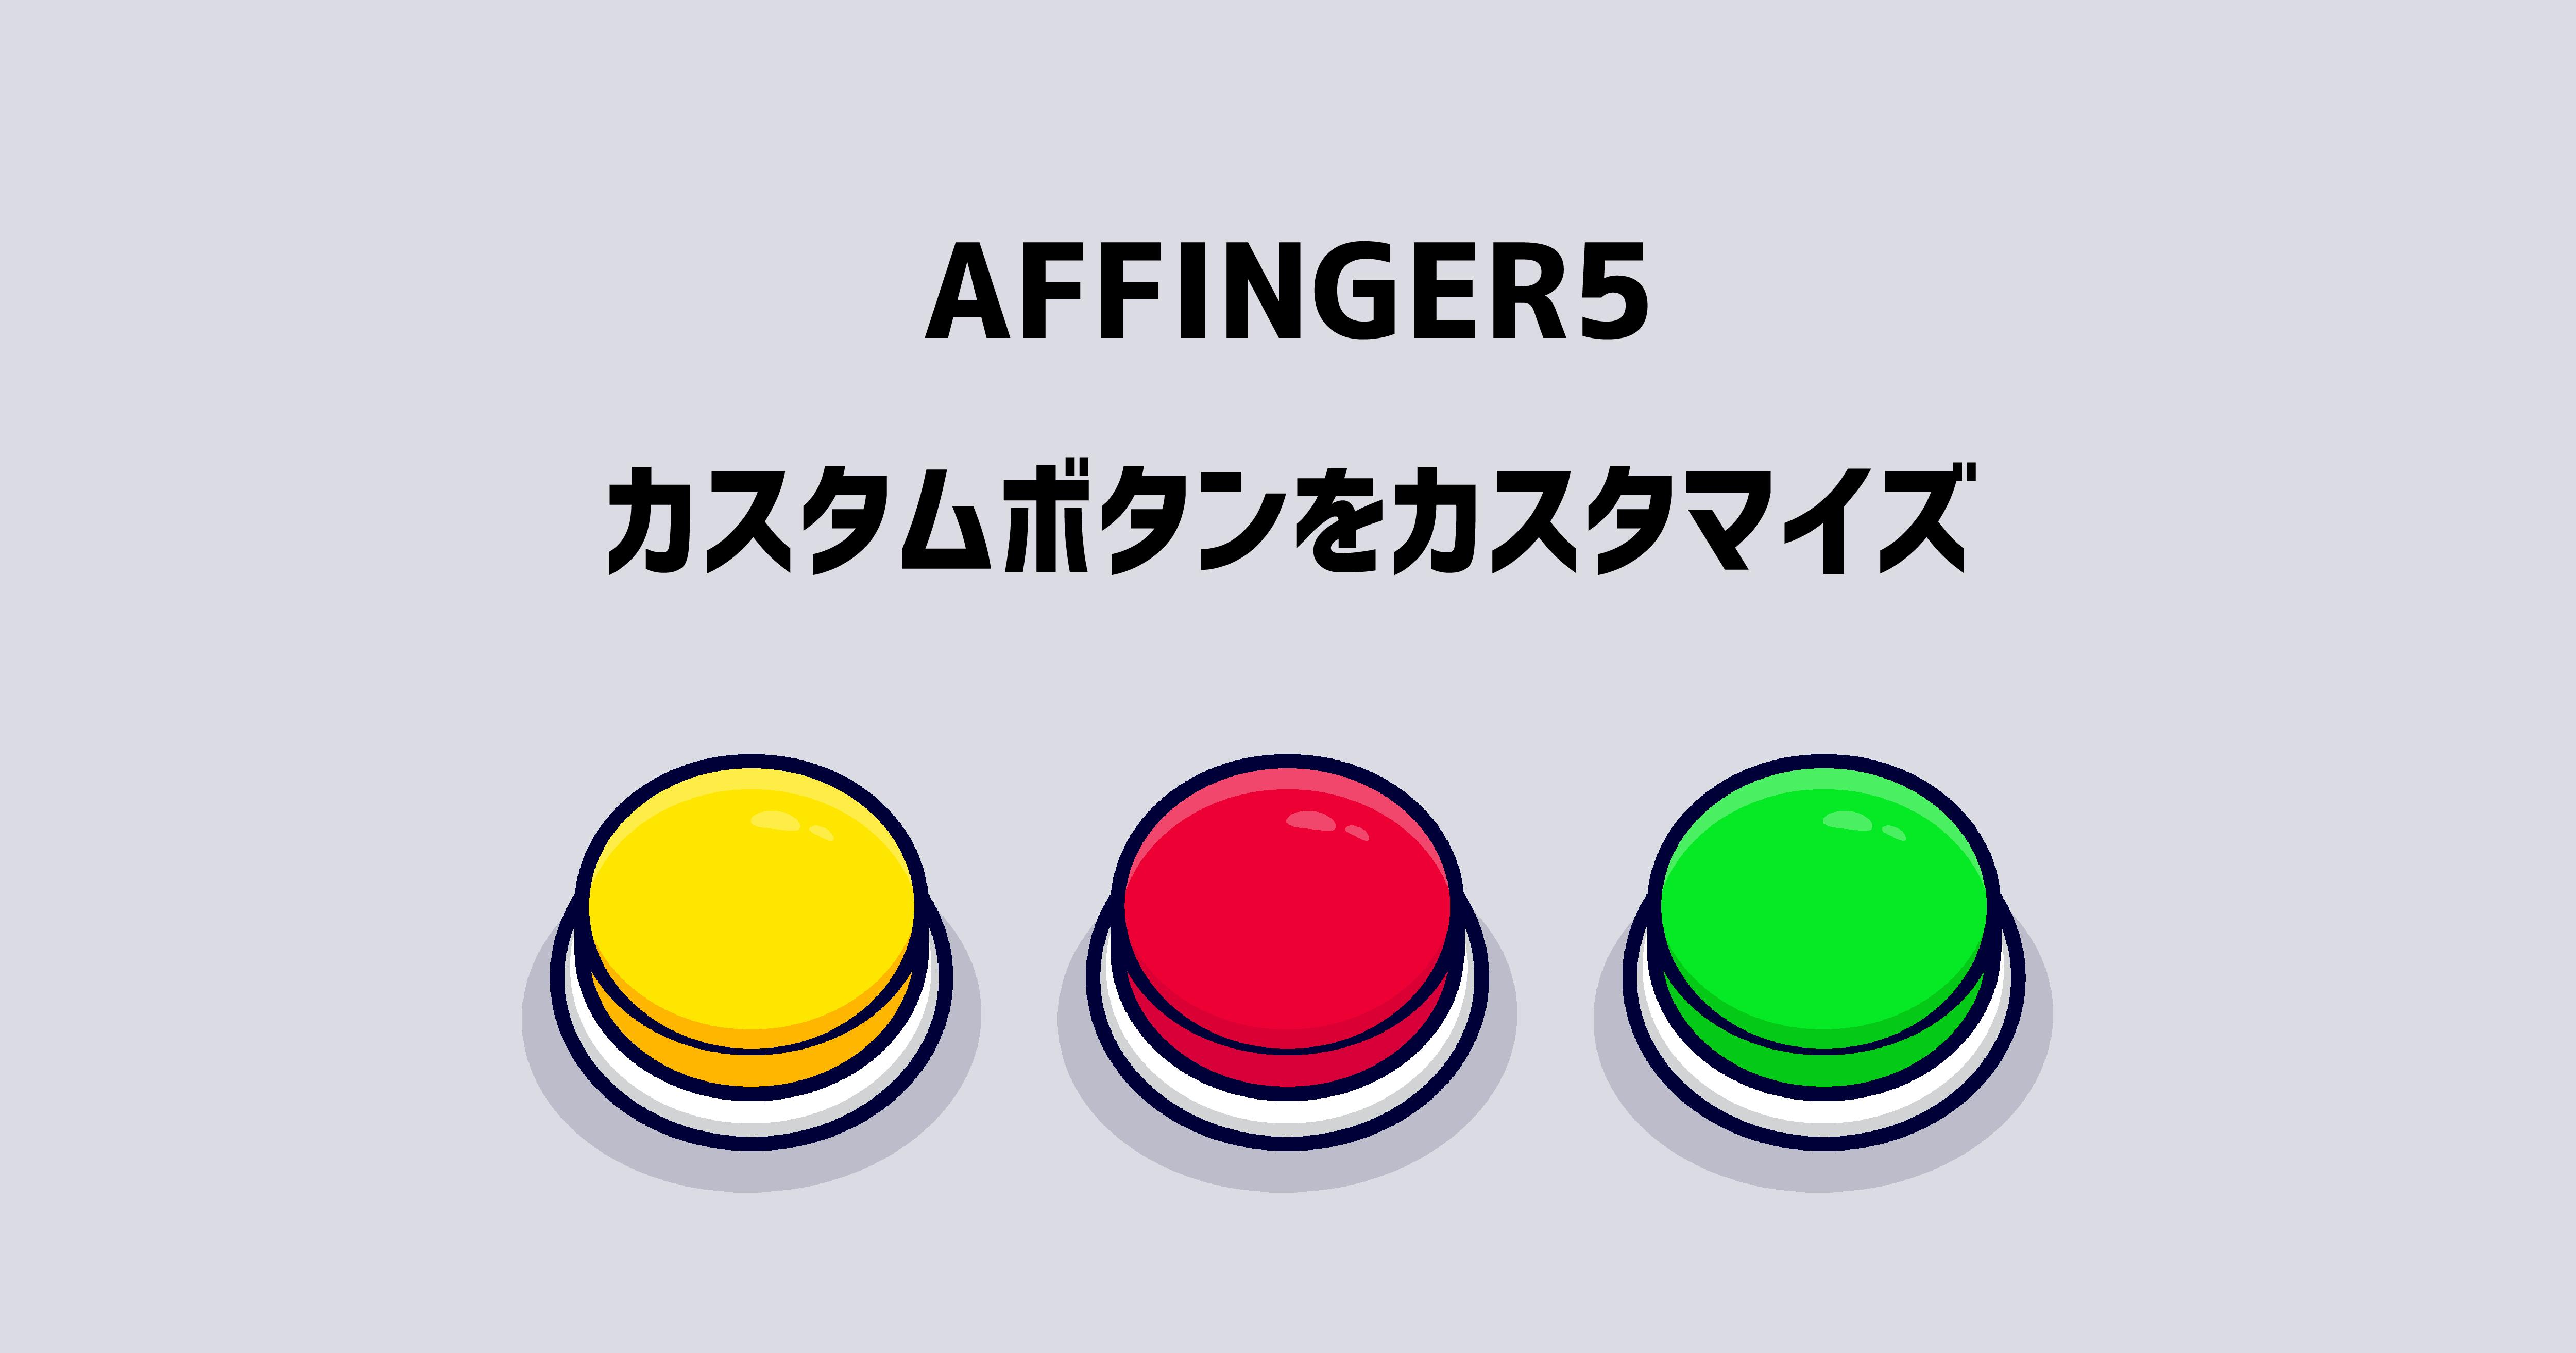 AFFINGER5カスタムボタンをカスタマイズ